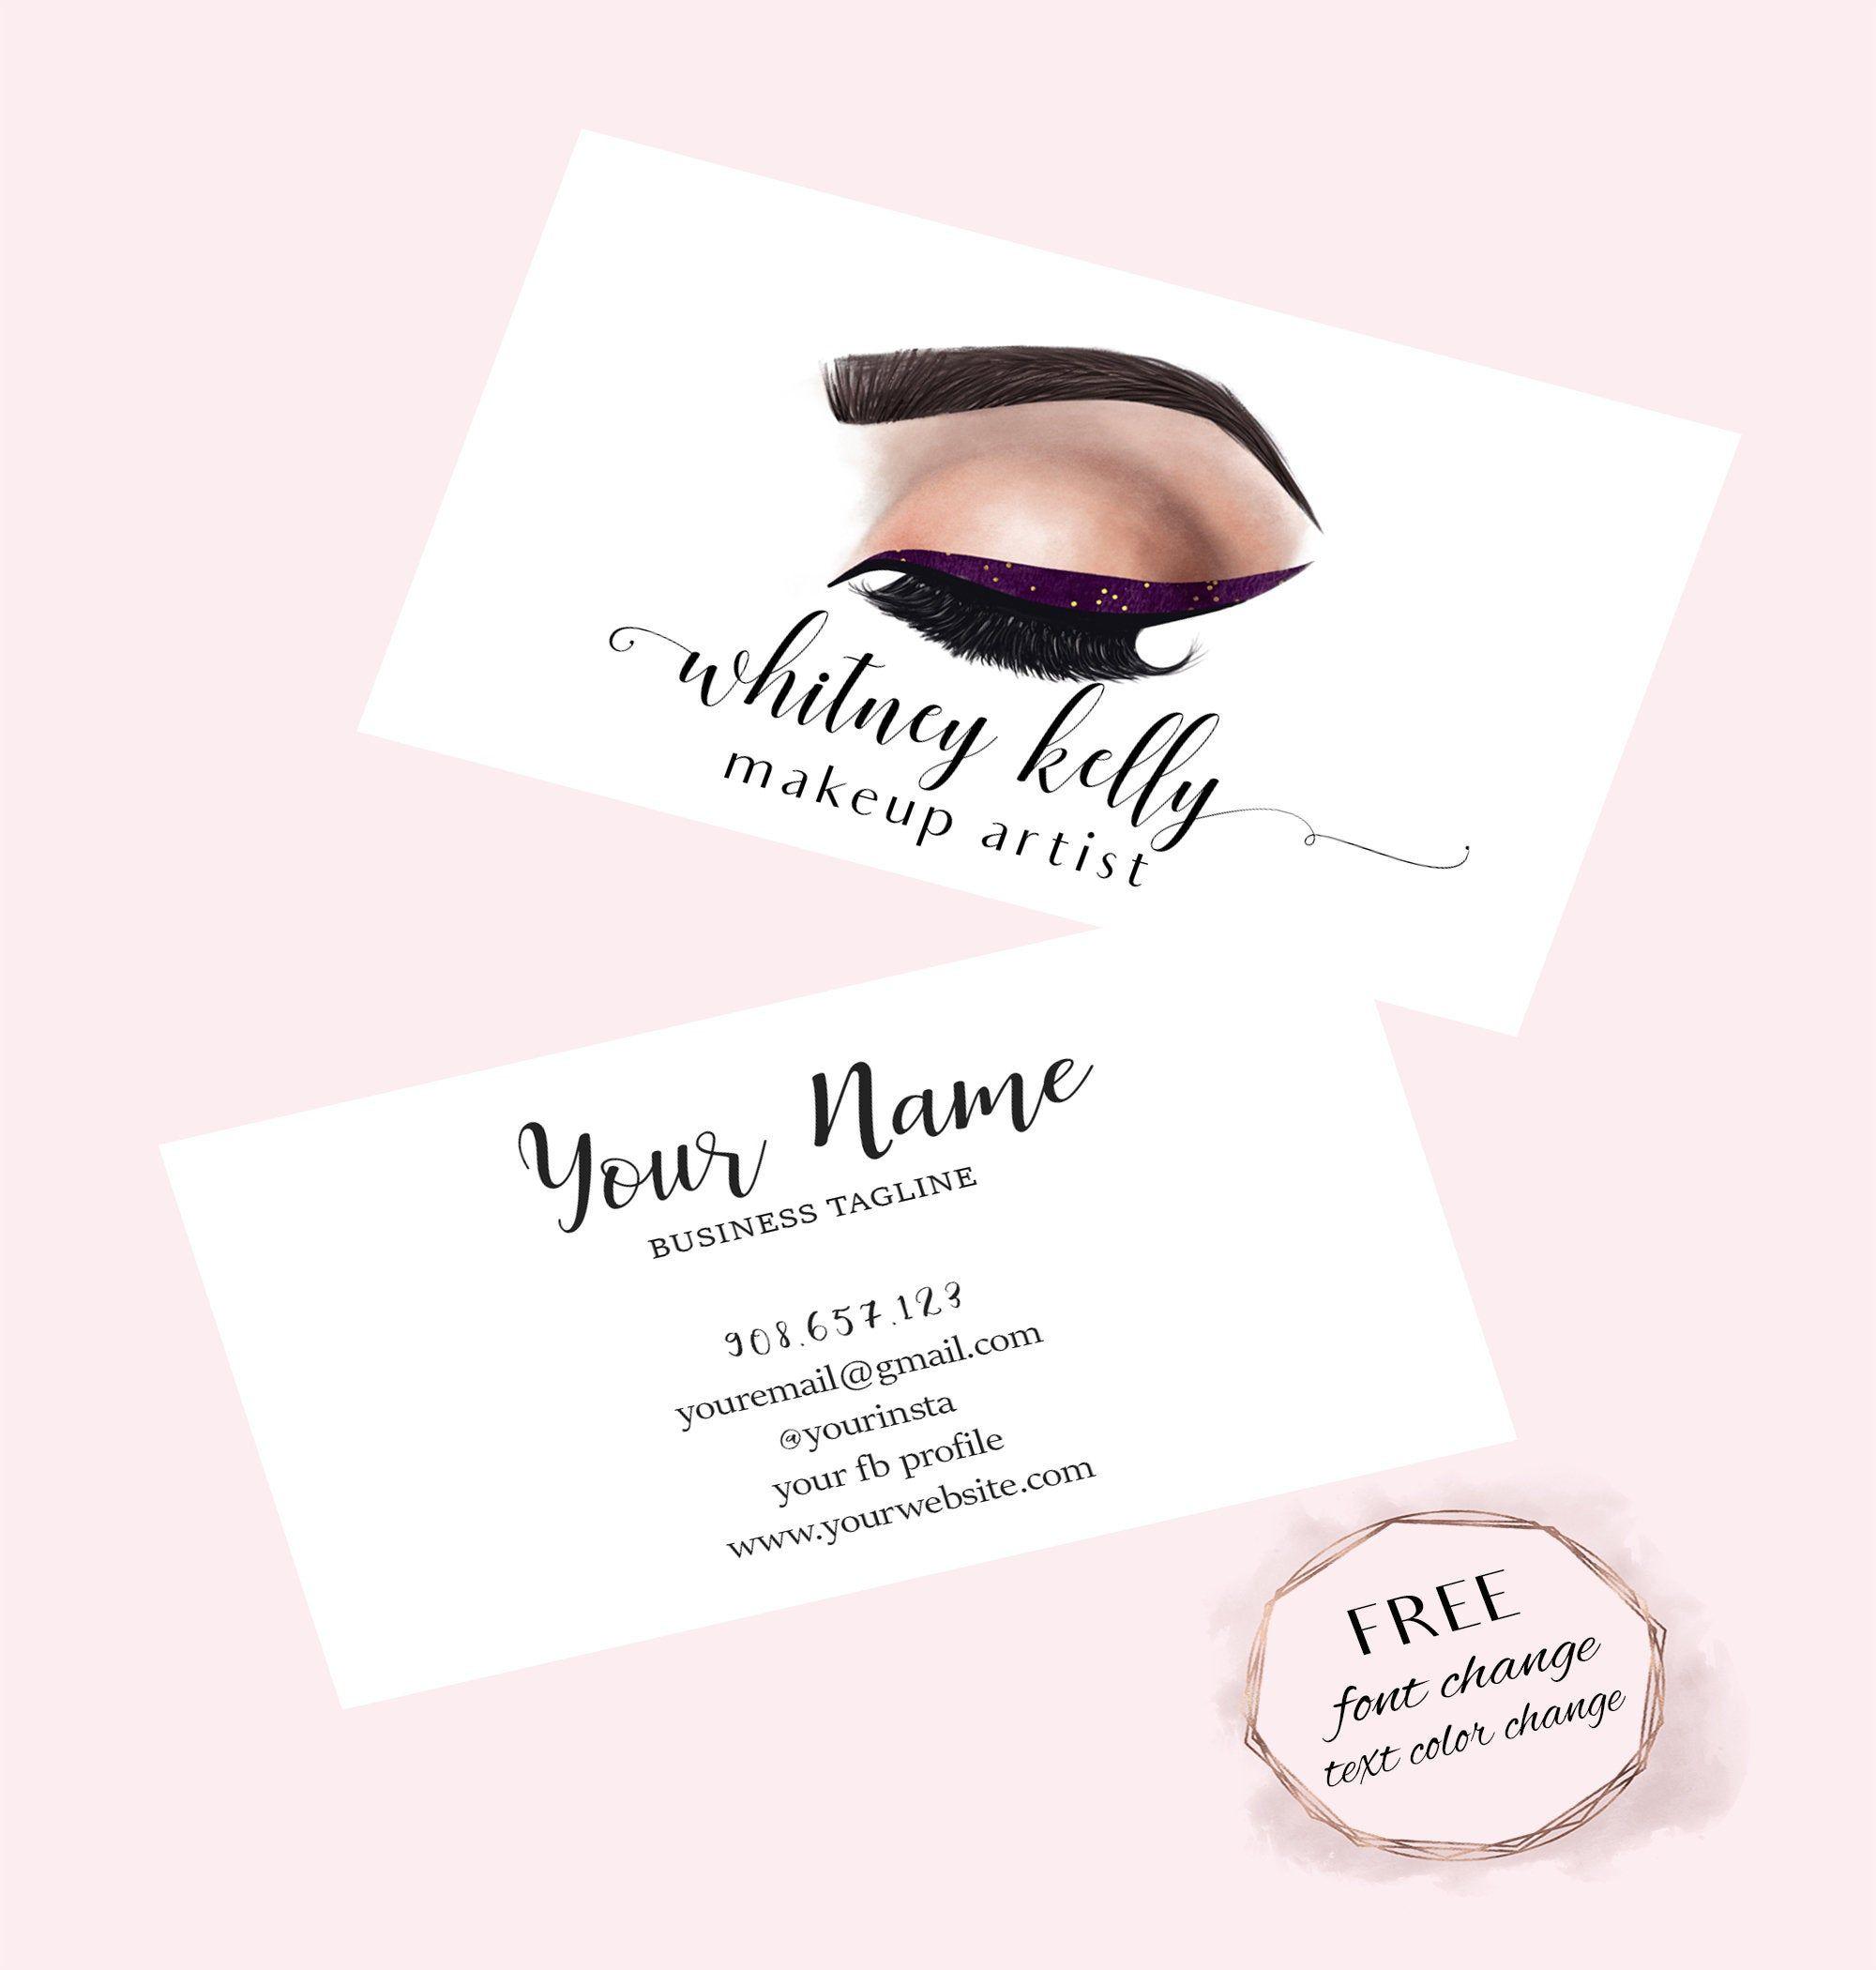 Makeup Business Card Makeup Artist Business Card Lashes And Brows Business Card Makeup Business Cards Makeup Artist Business Makeup Artist Business Cards